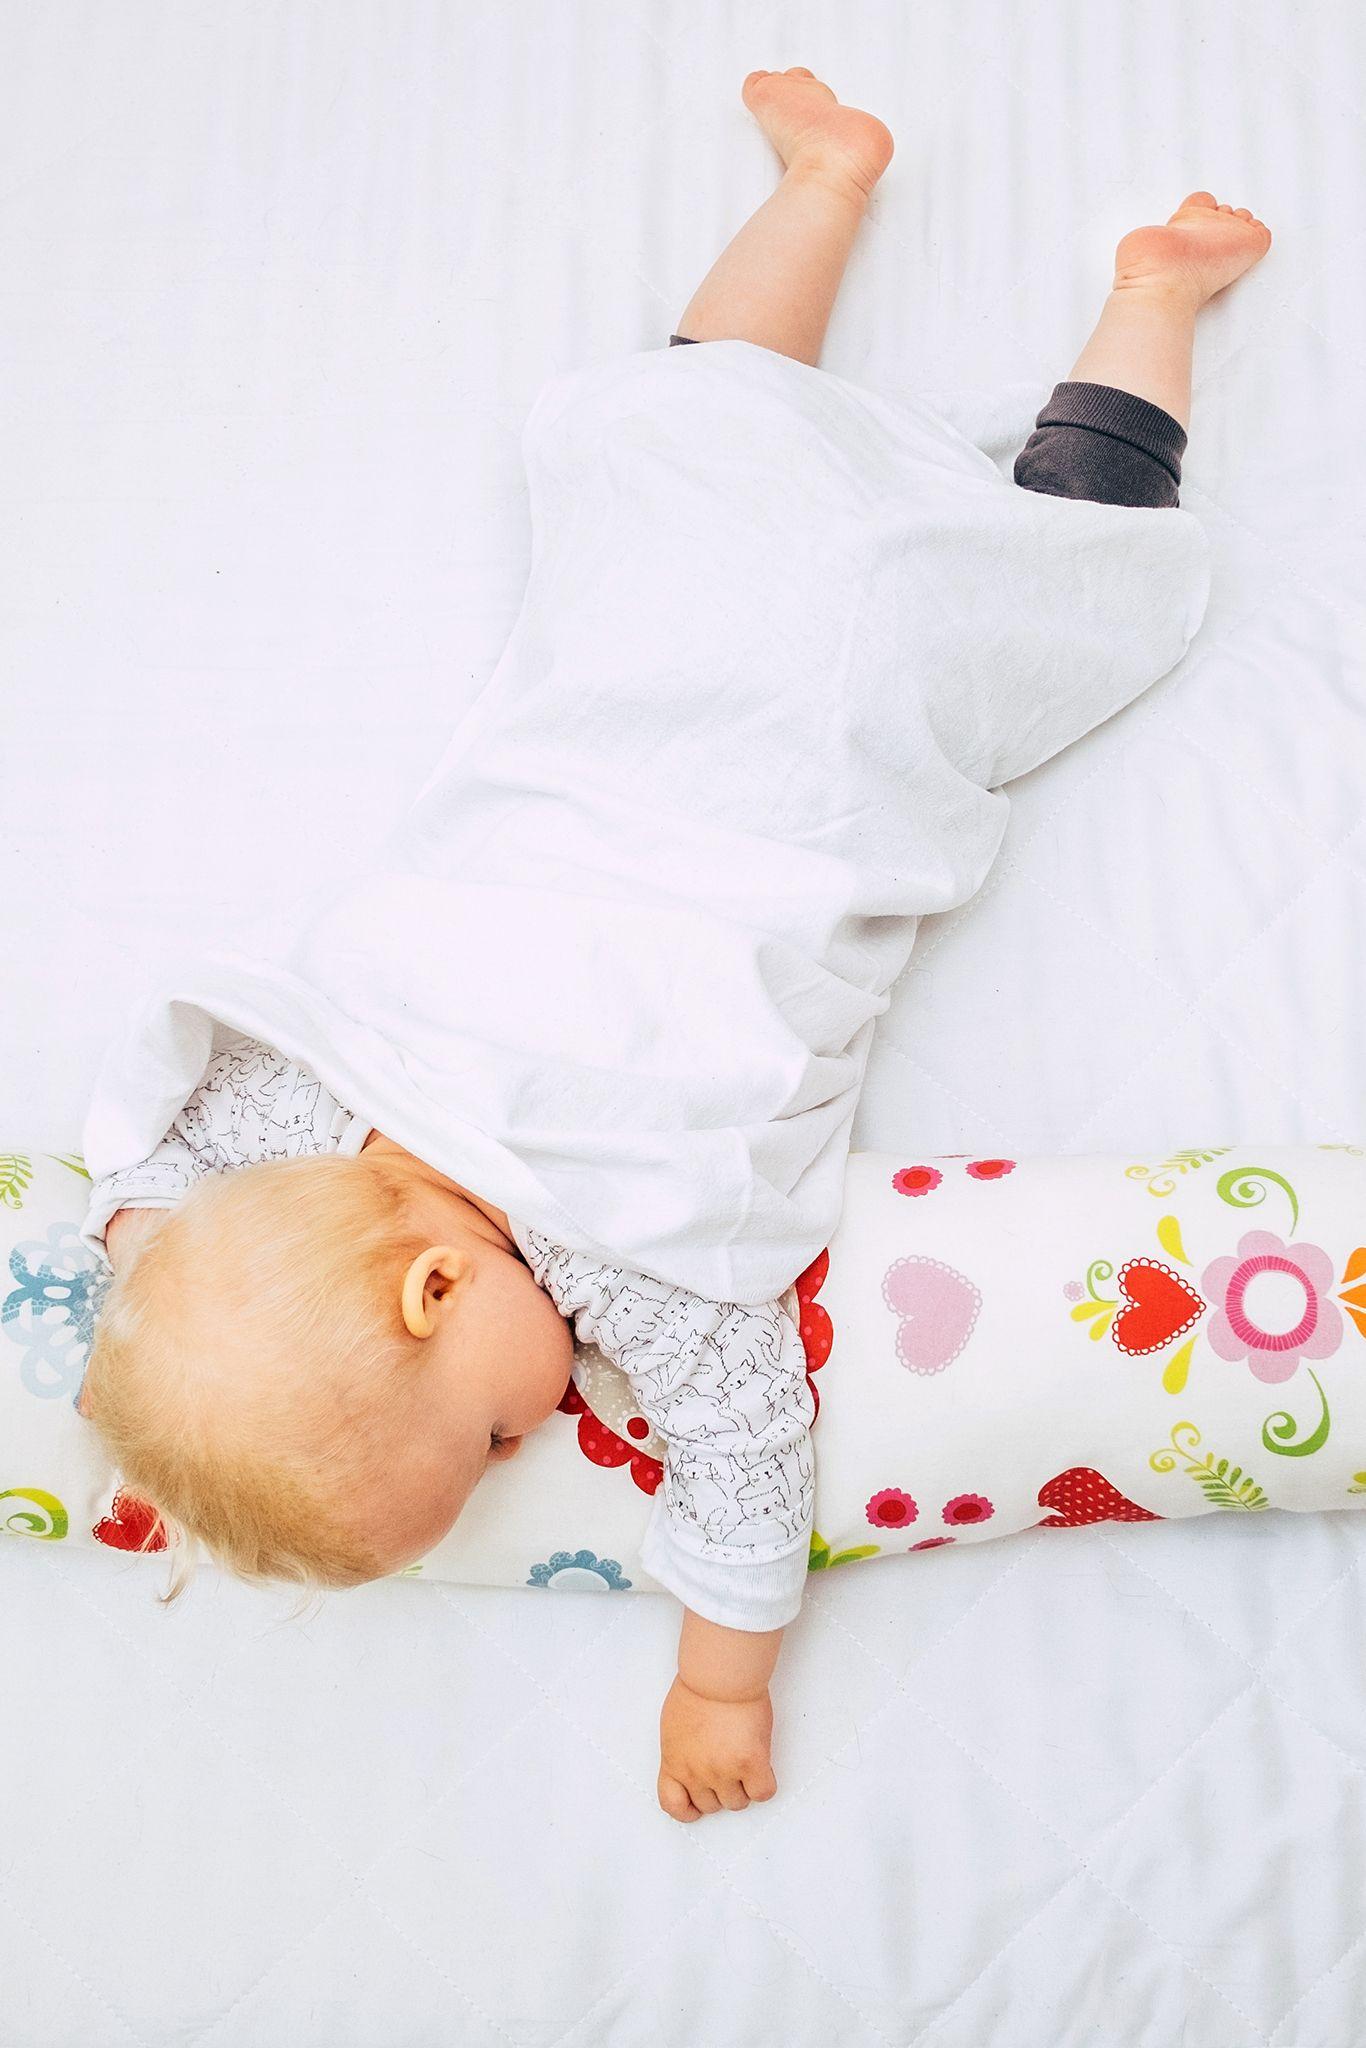 b5675ba89686d4 Diese 10 sinnvollen Produkte meiner Babyausstattung Liste haben mir im  ersten Jahr mit Baby wirklich geholfen